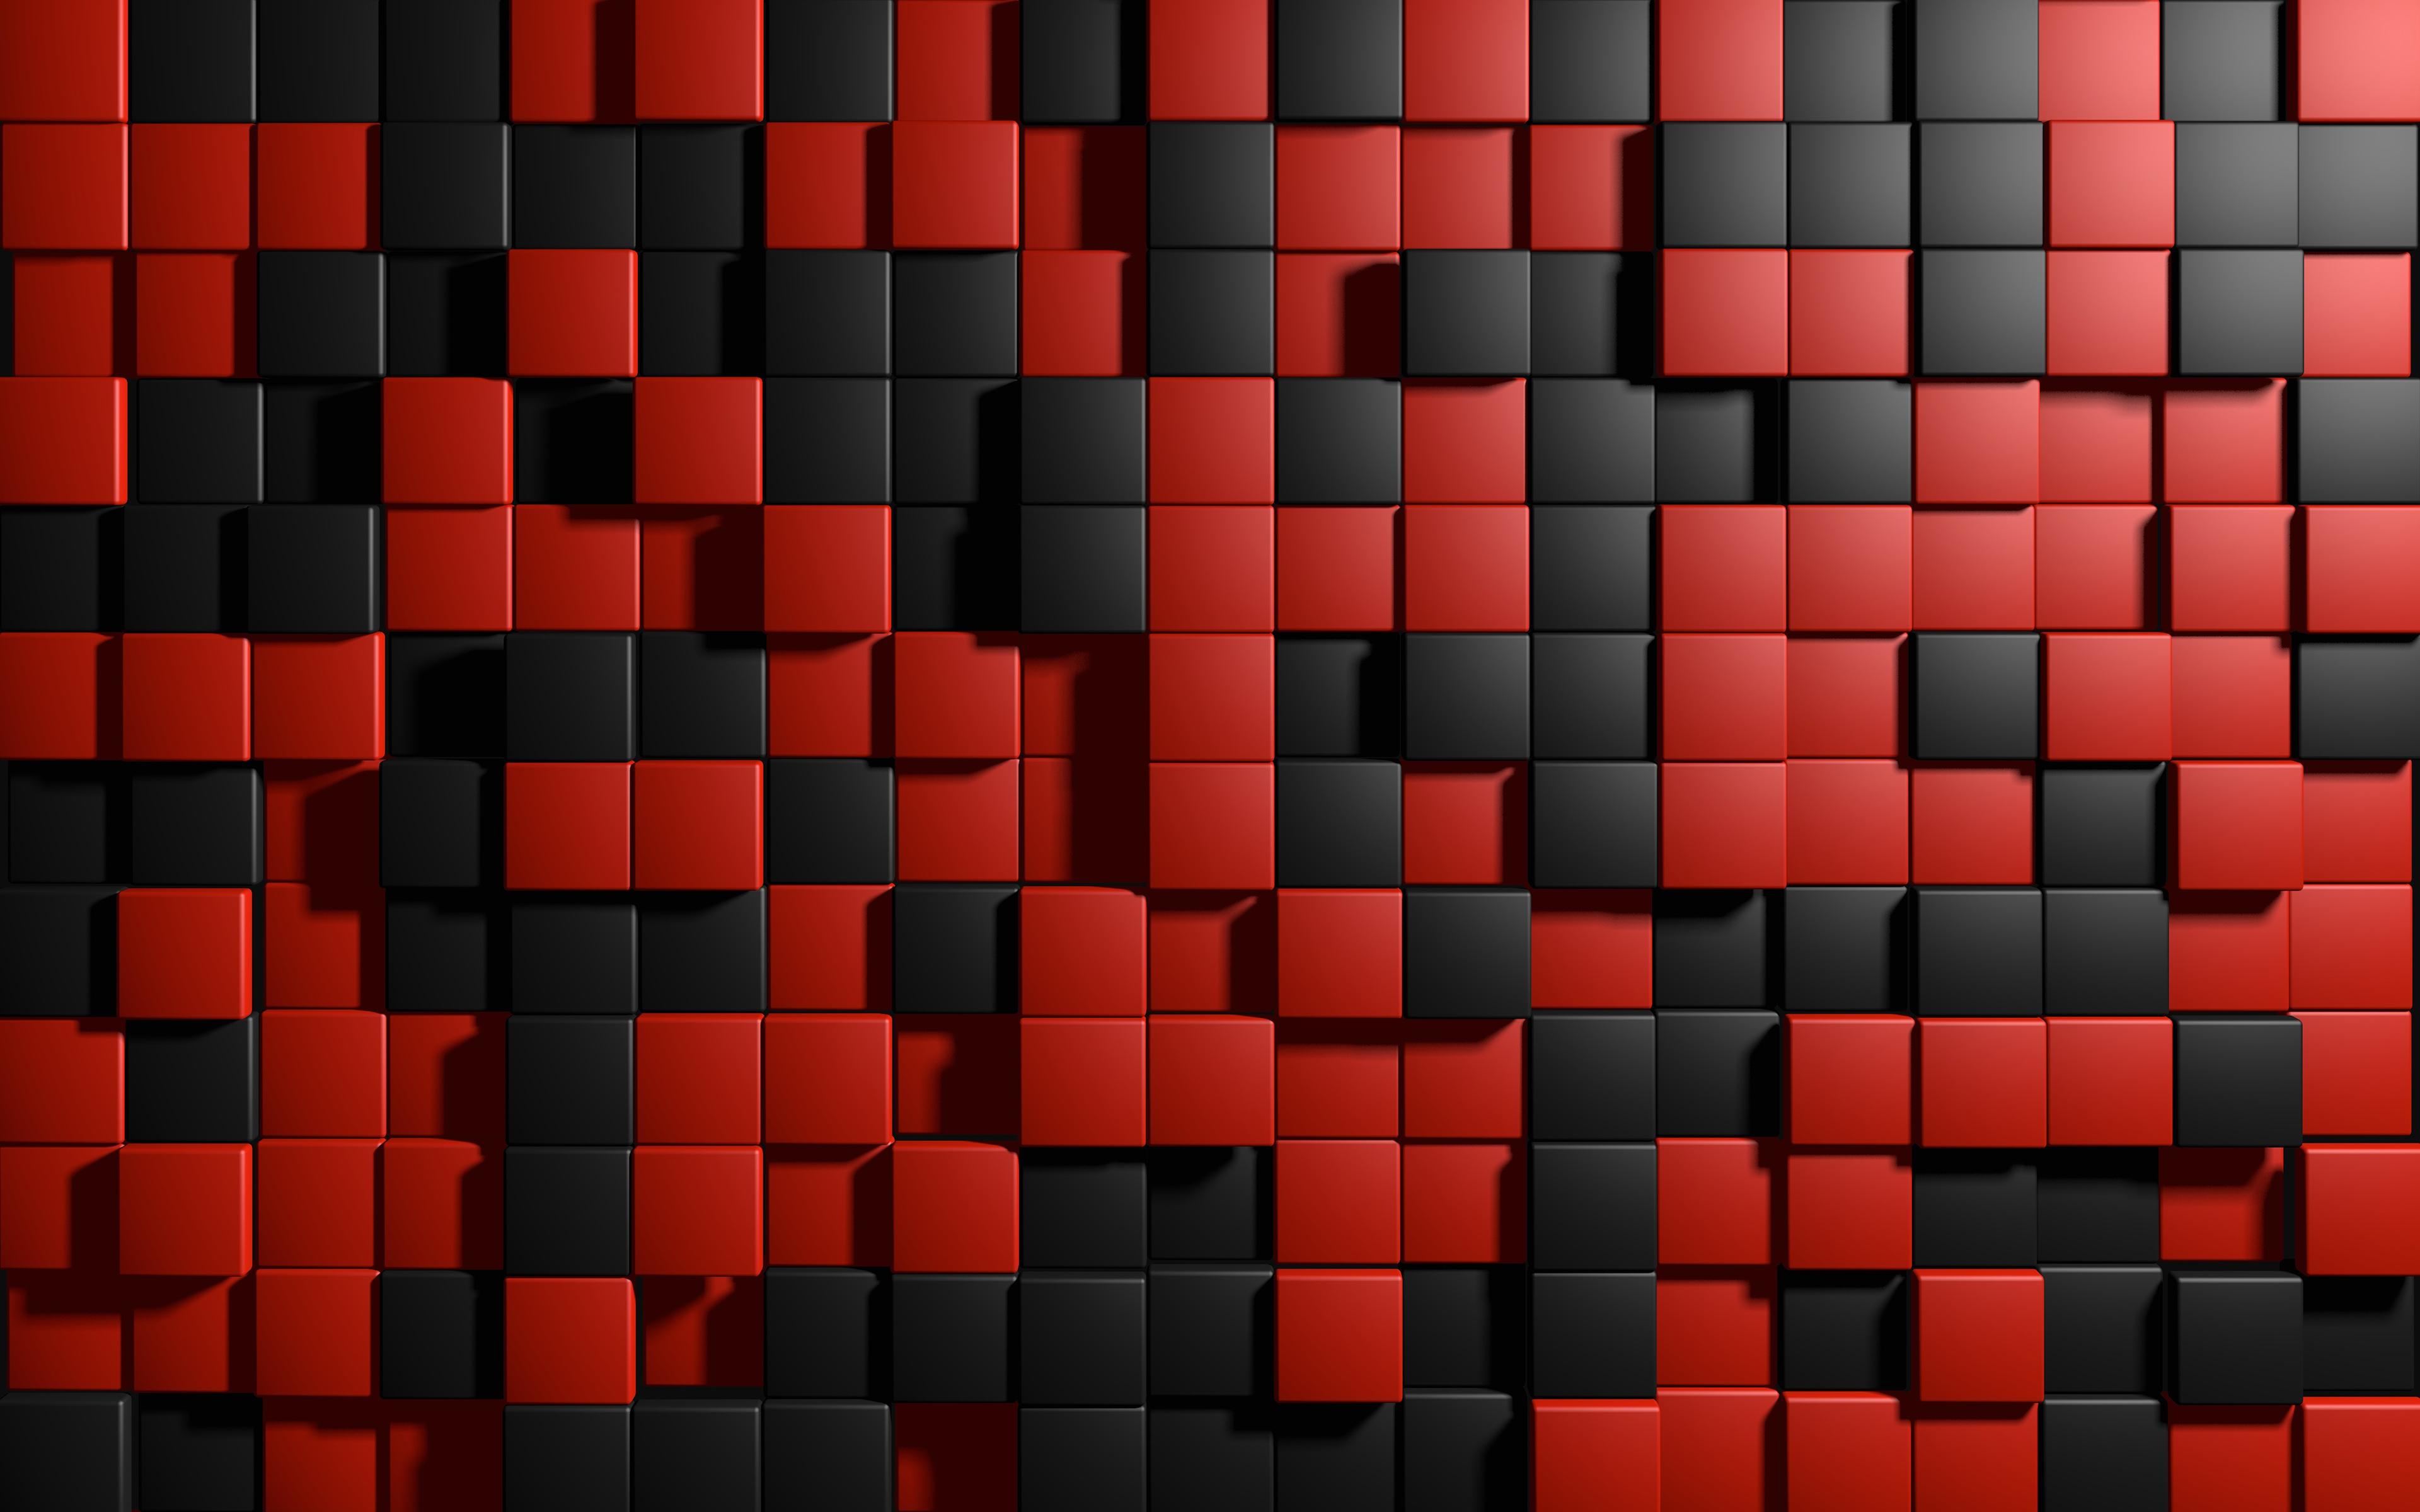 Красно-черные картинки высокого разрешения